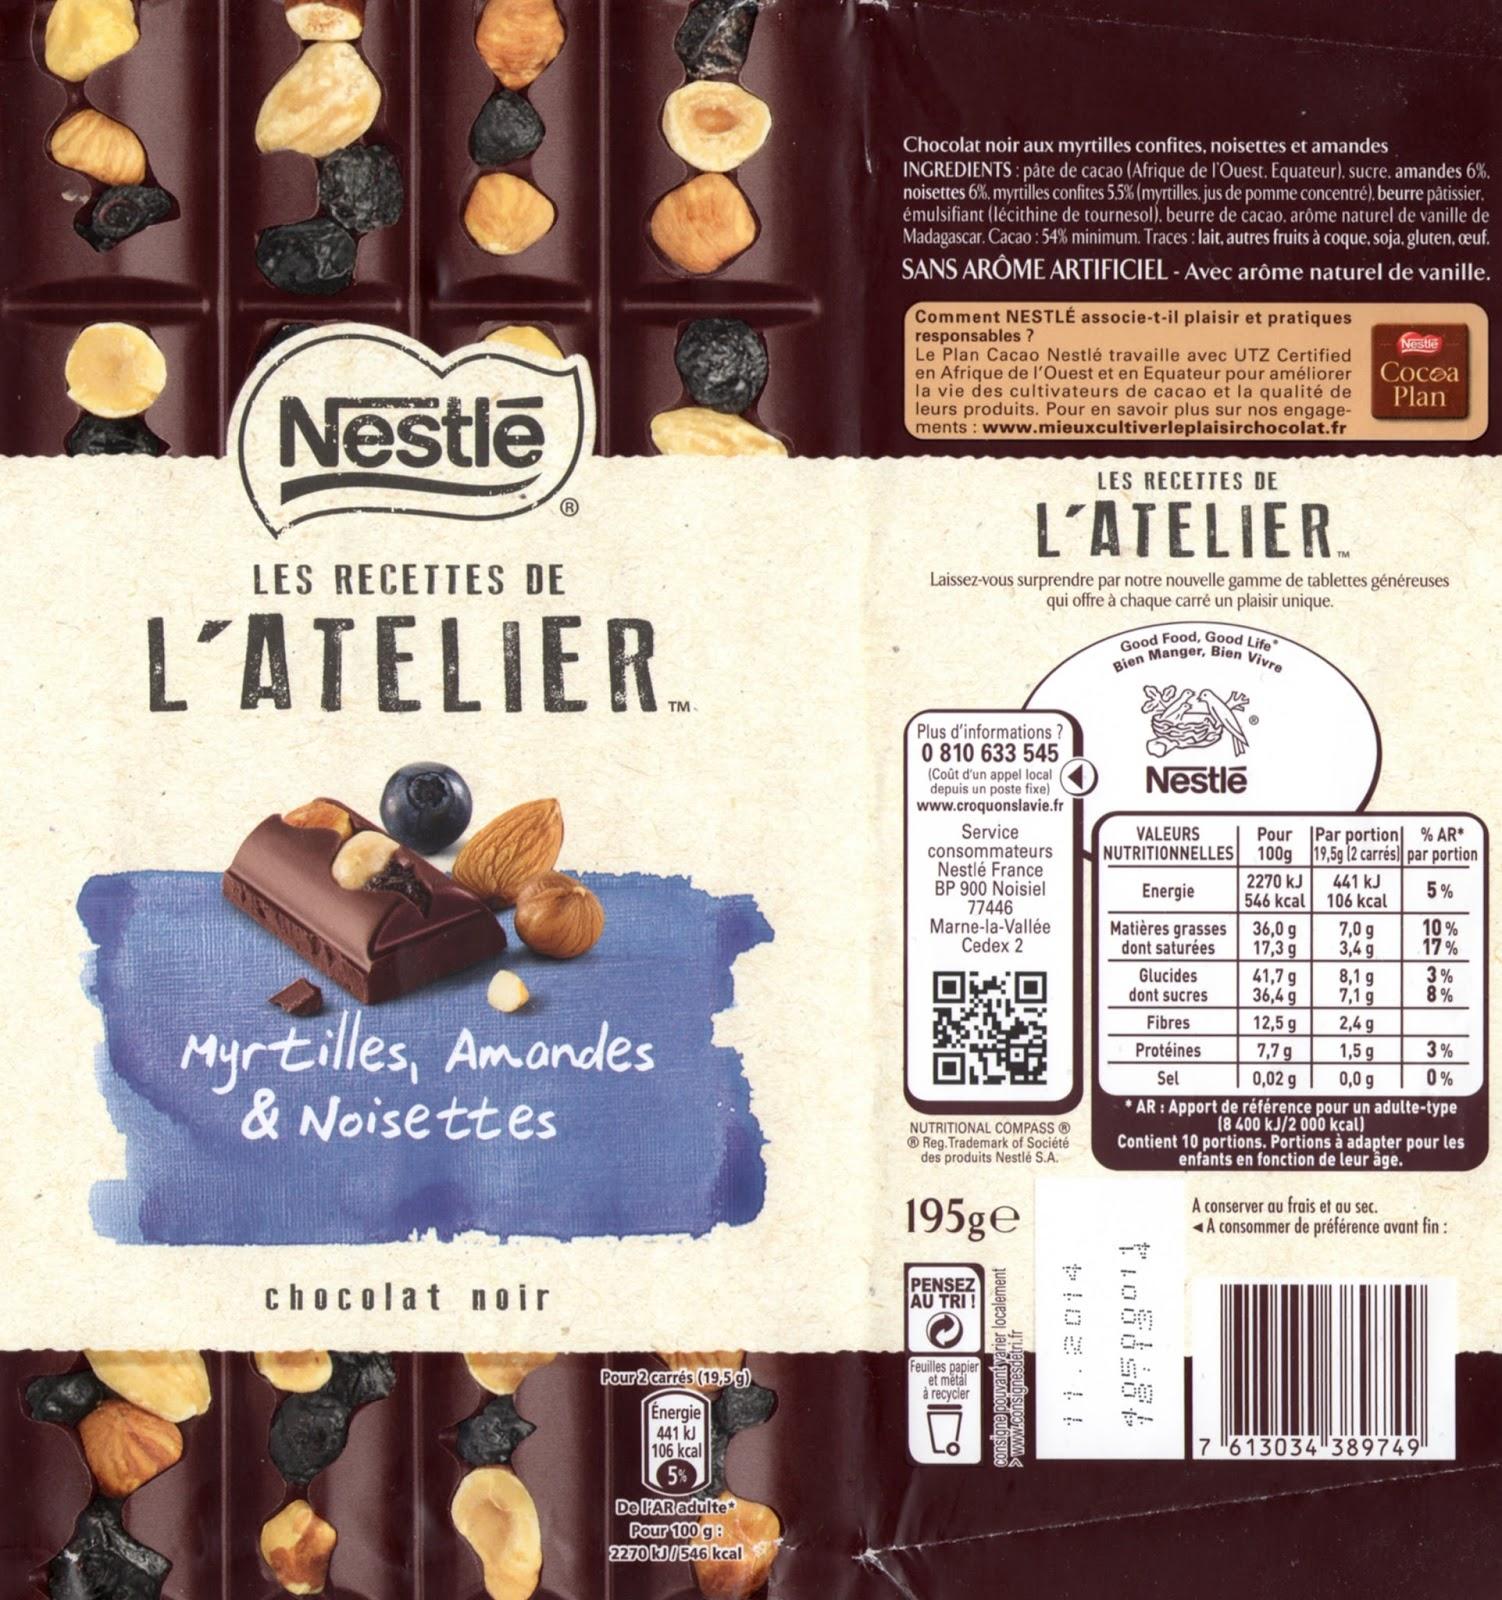 tablette de chocolat noir gourmand nestlé les recettes de l'atelier myrtilles amandes & noisettes